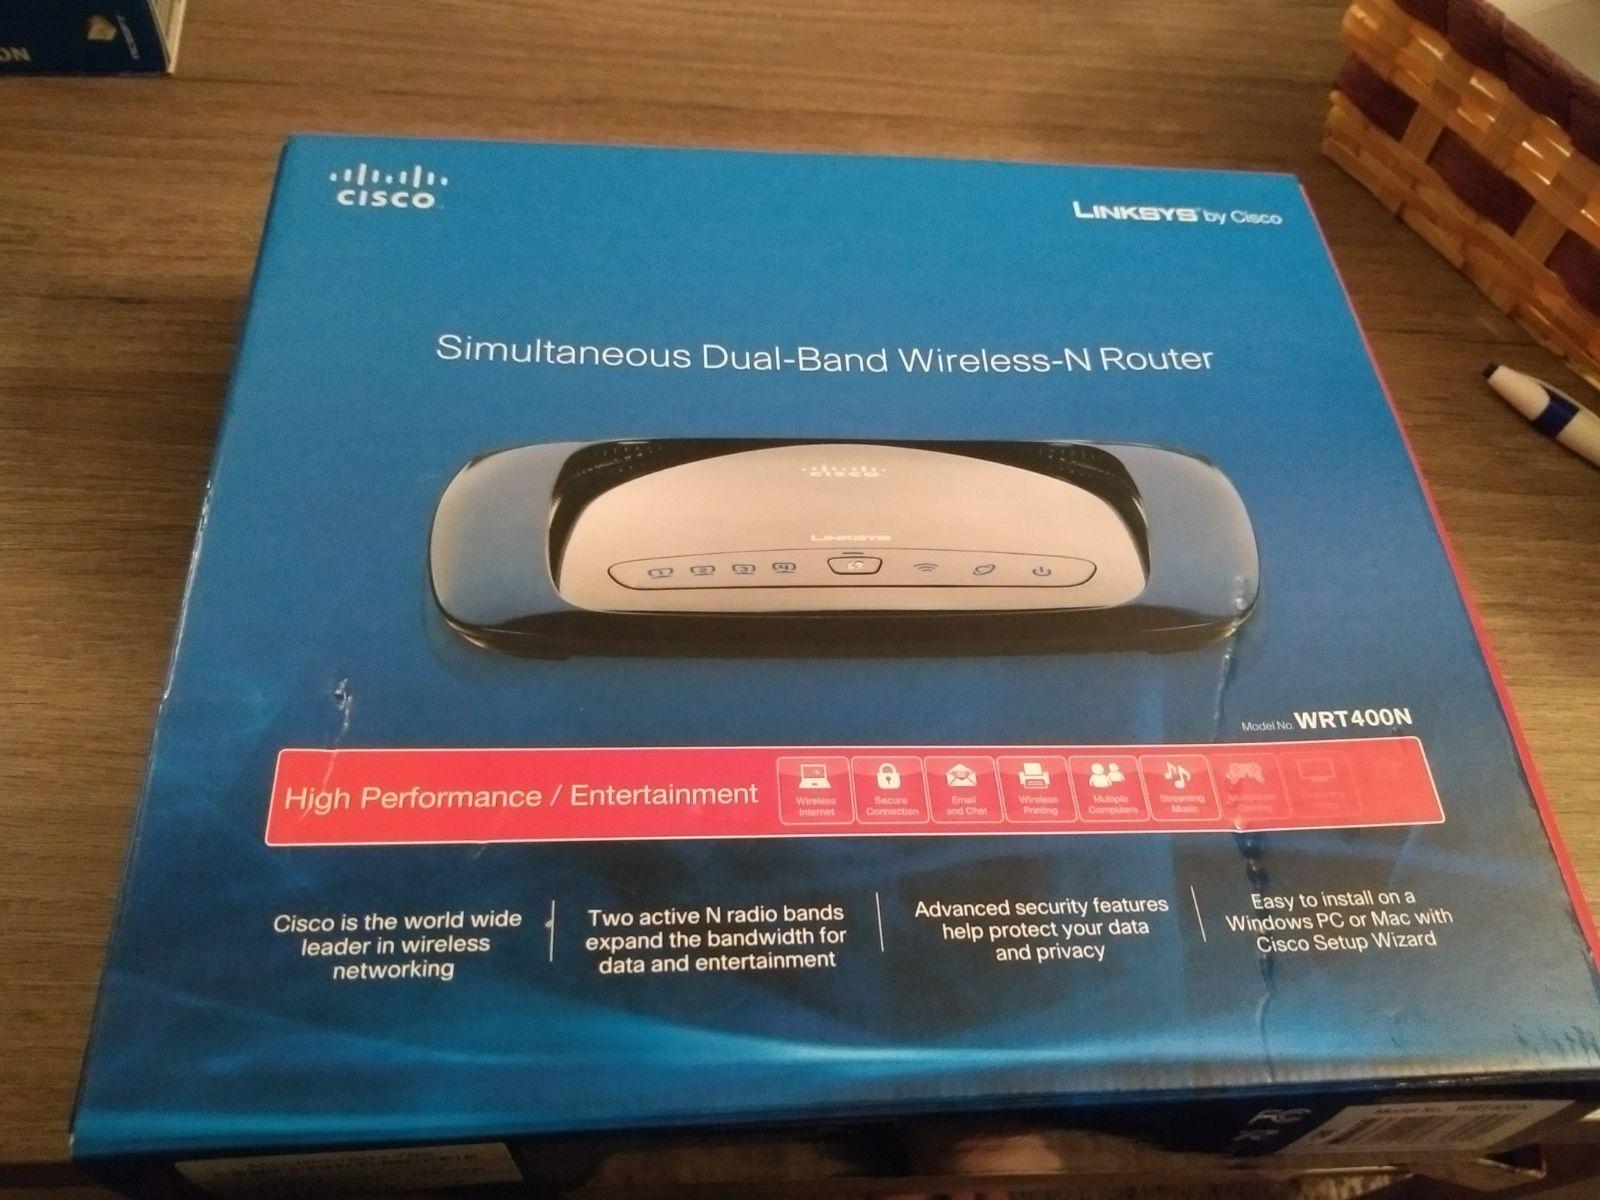 Ziemlich Wireless Router Anschlussdiagramm Fotos - Elektrische ...